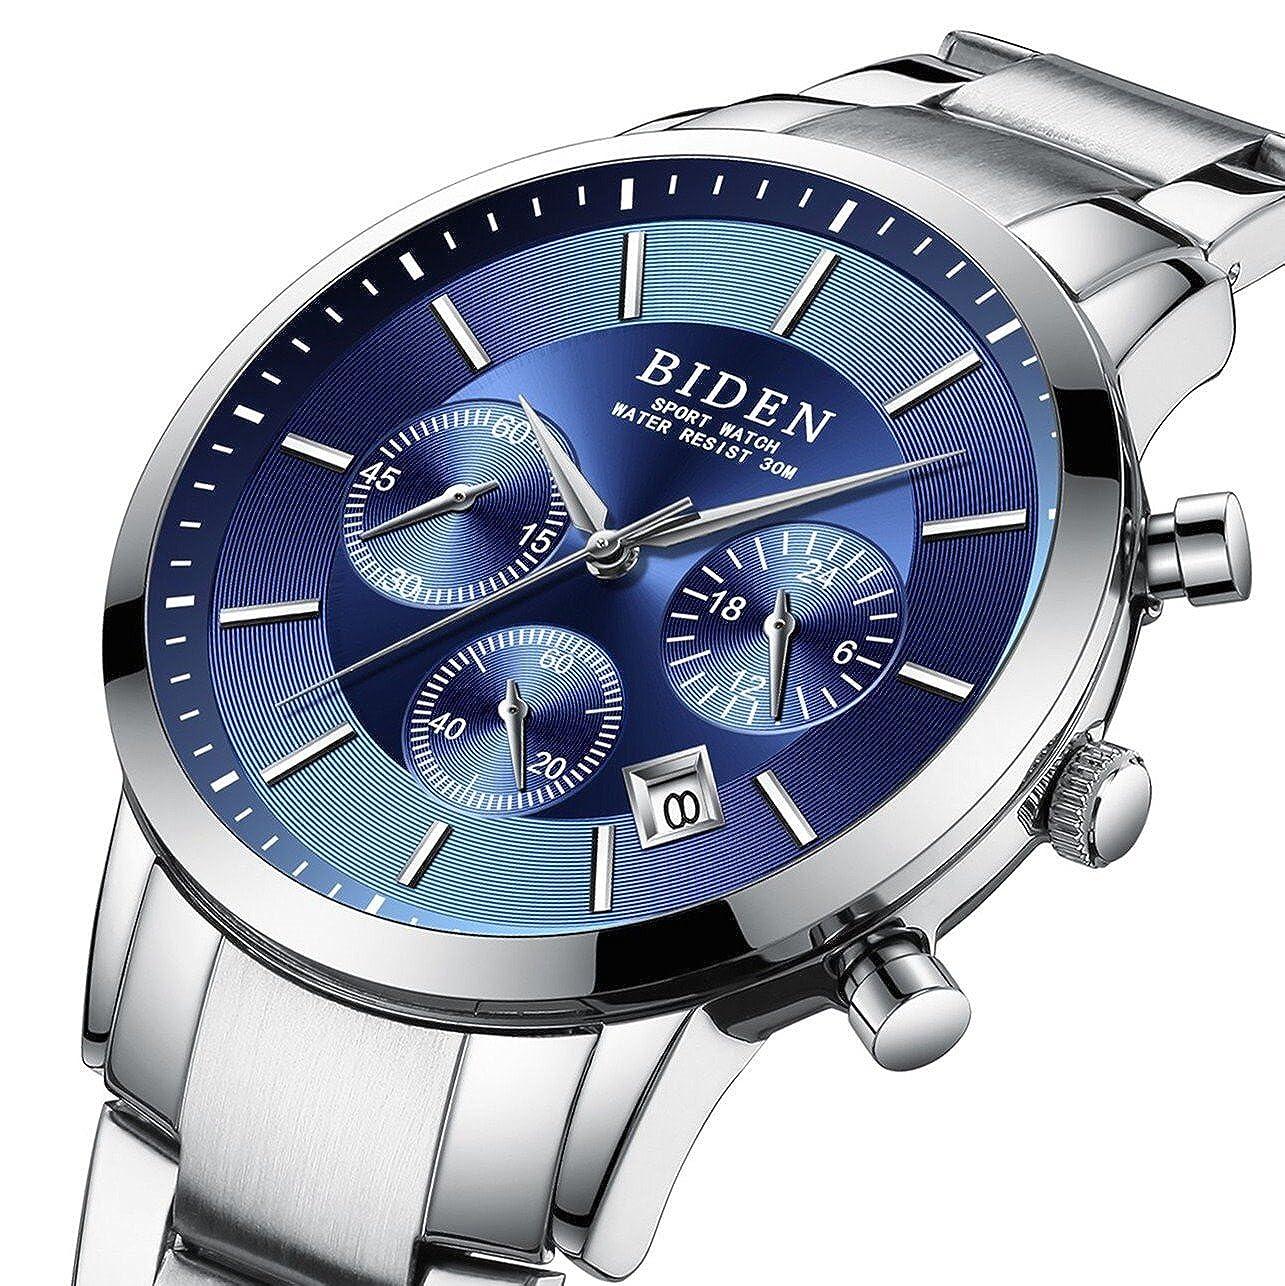 Relojes, hombre, Luxus administrarlos Acero Inoxidable Azul Calidad Modo aleatorio de agua Densidad cuarzo uhrmade en China: Amazon.es: Relojes